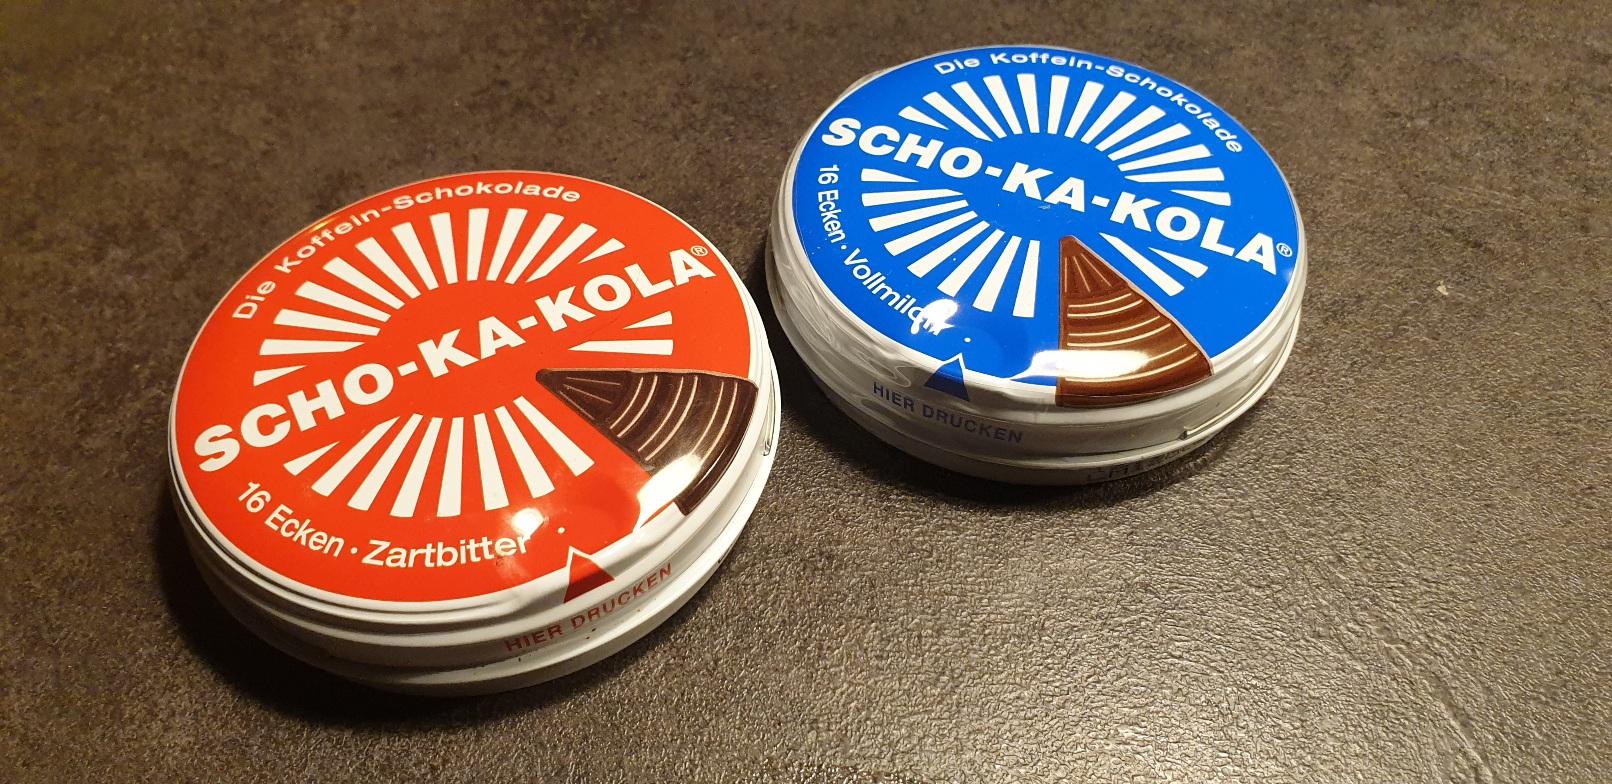 SCHO-KA-KOLA - wersja deserowa i mleczna